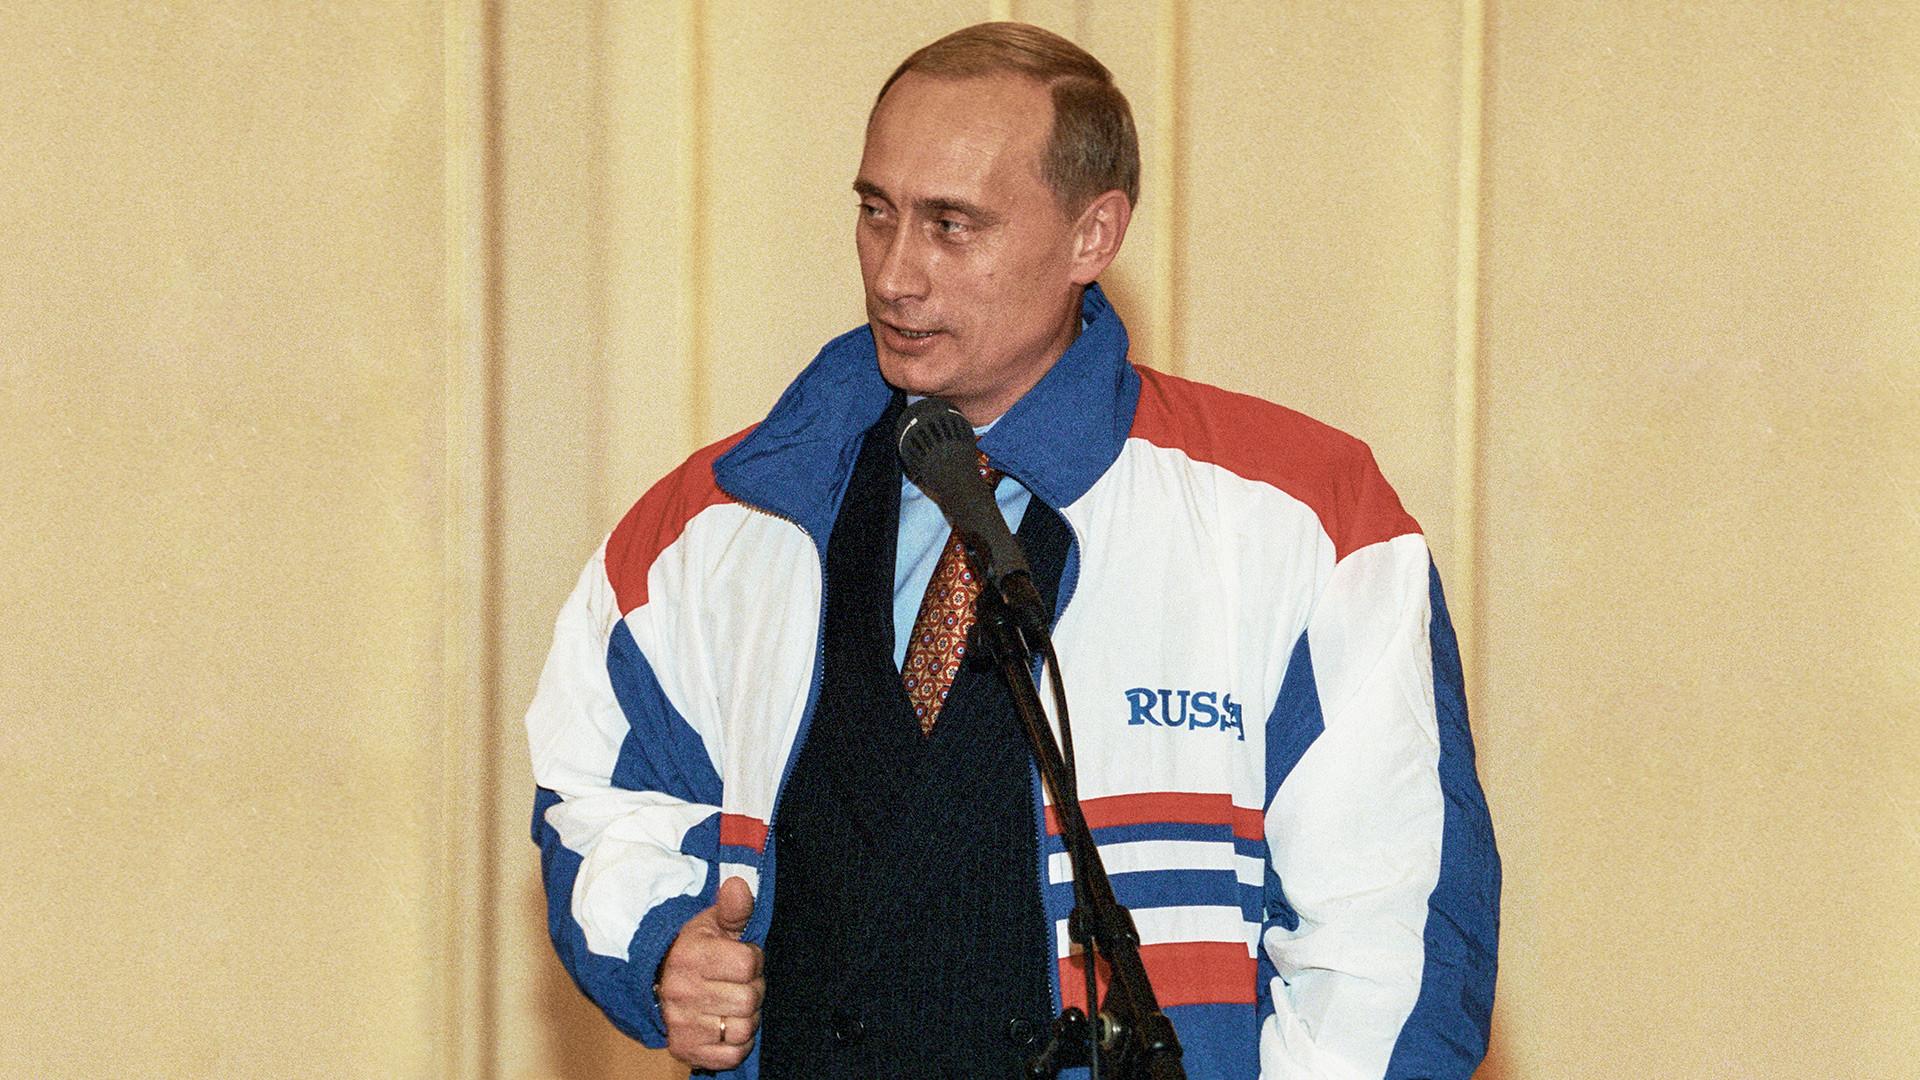 Vladimir Putin, all'epoca primo ministro della Federazione Russa, durante un discorso di saluto alla Nazionale di atletica leggera